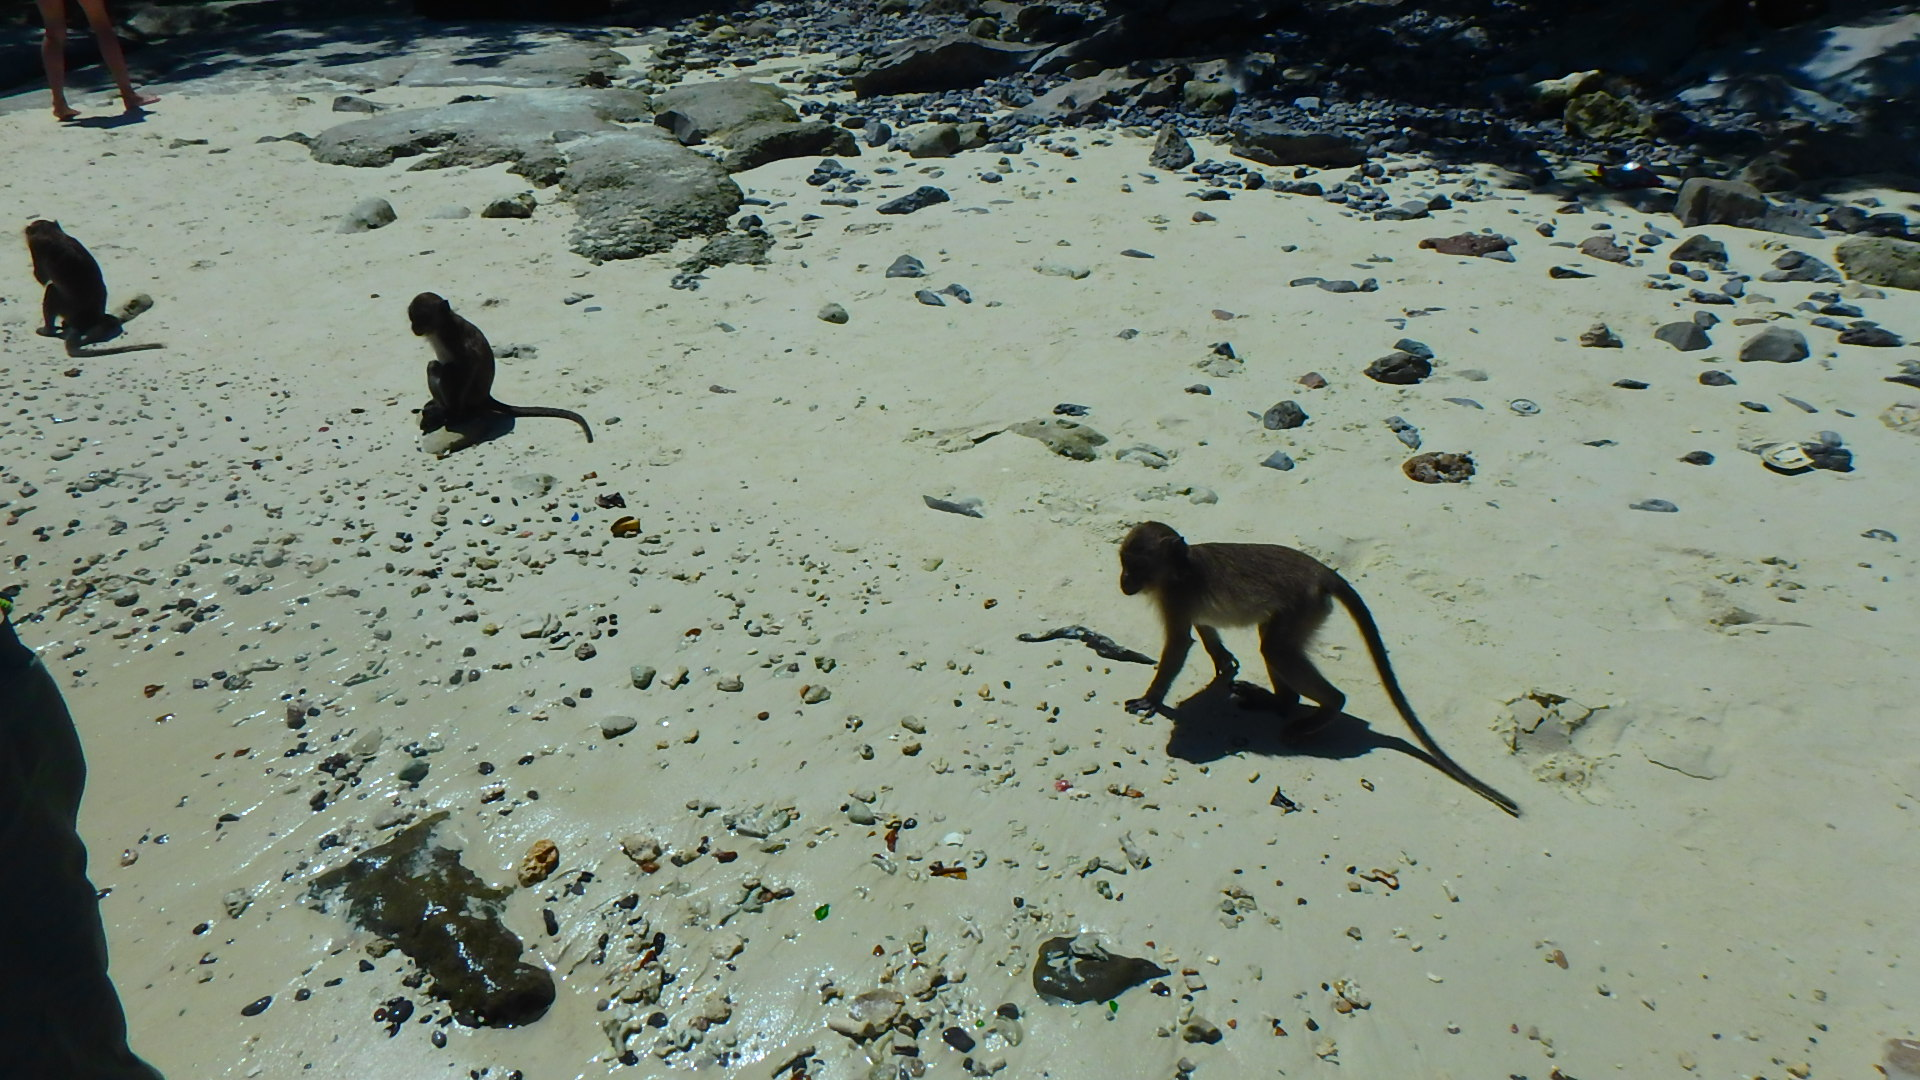 ピピ島モンキービーチの猿は可愛いけど危険